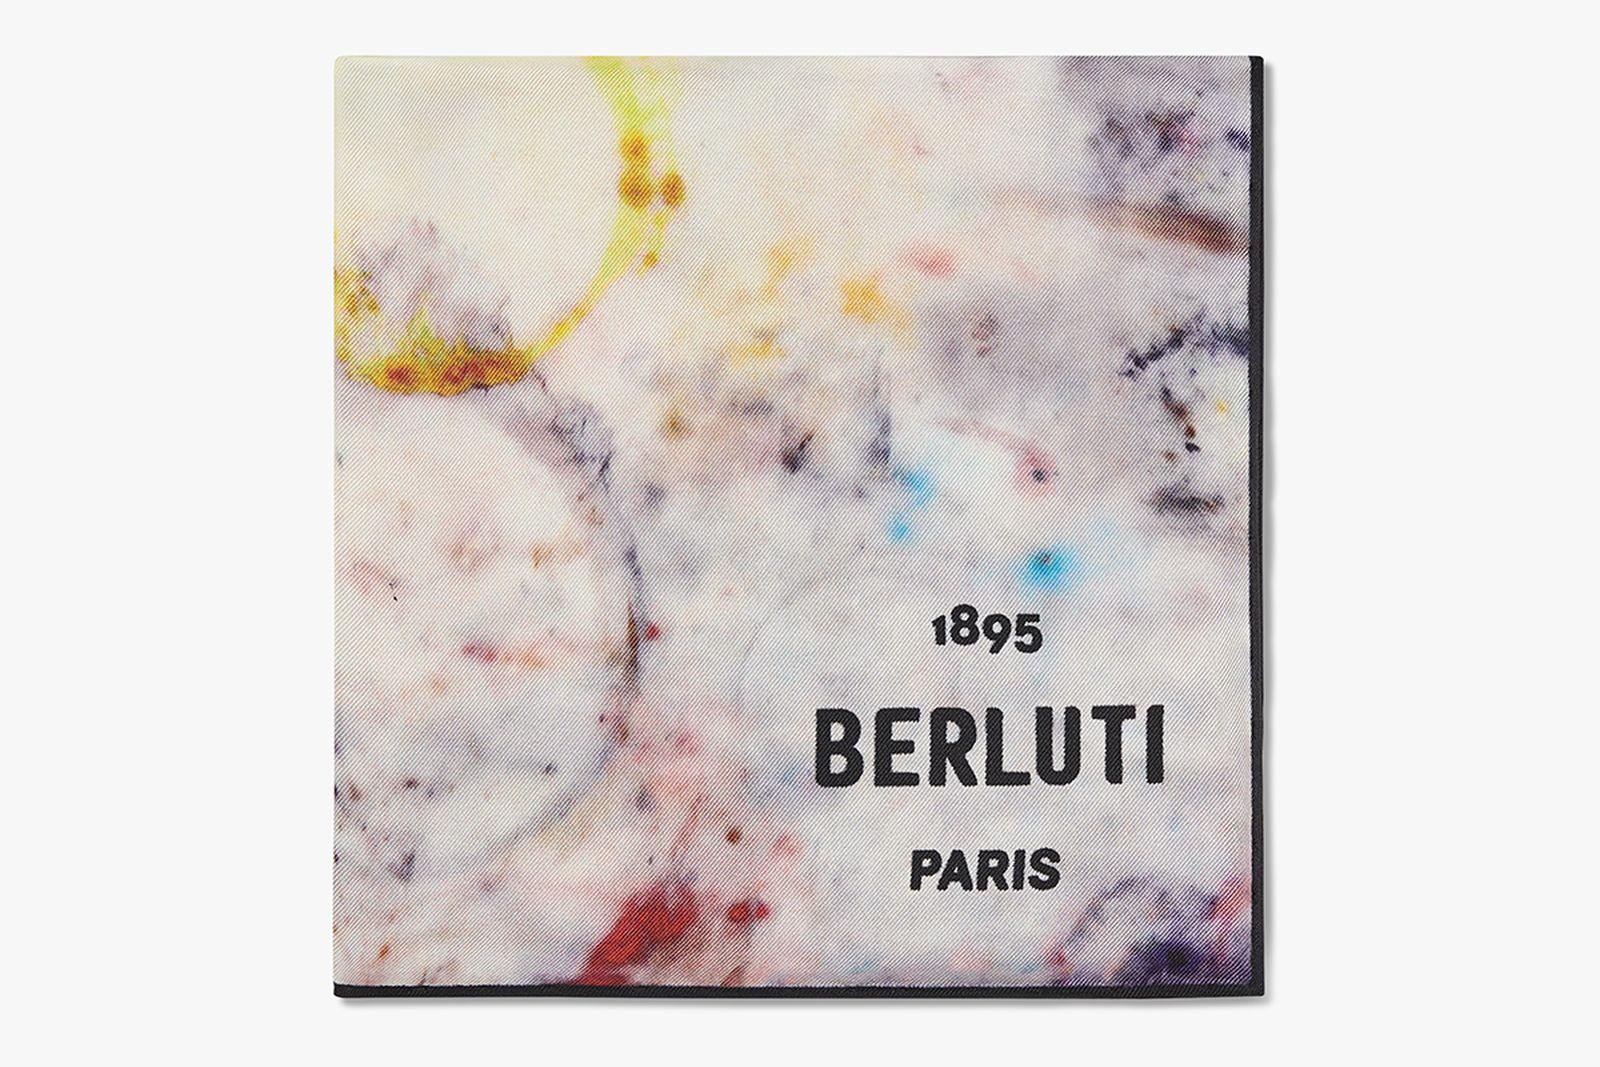 berluti winter 2019 20 marble print kris van assche